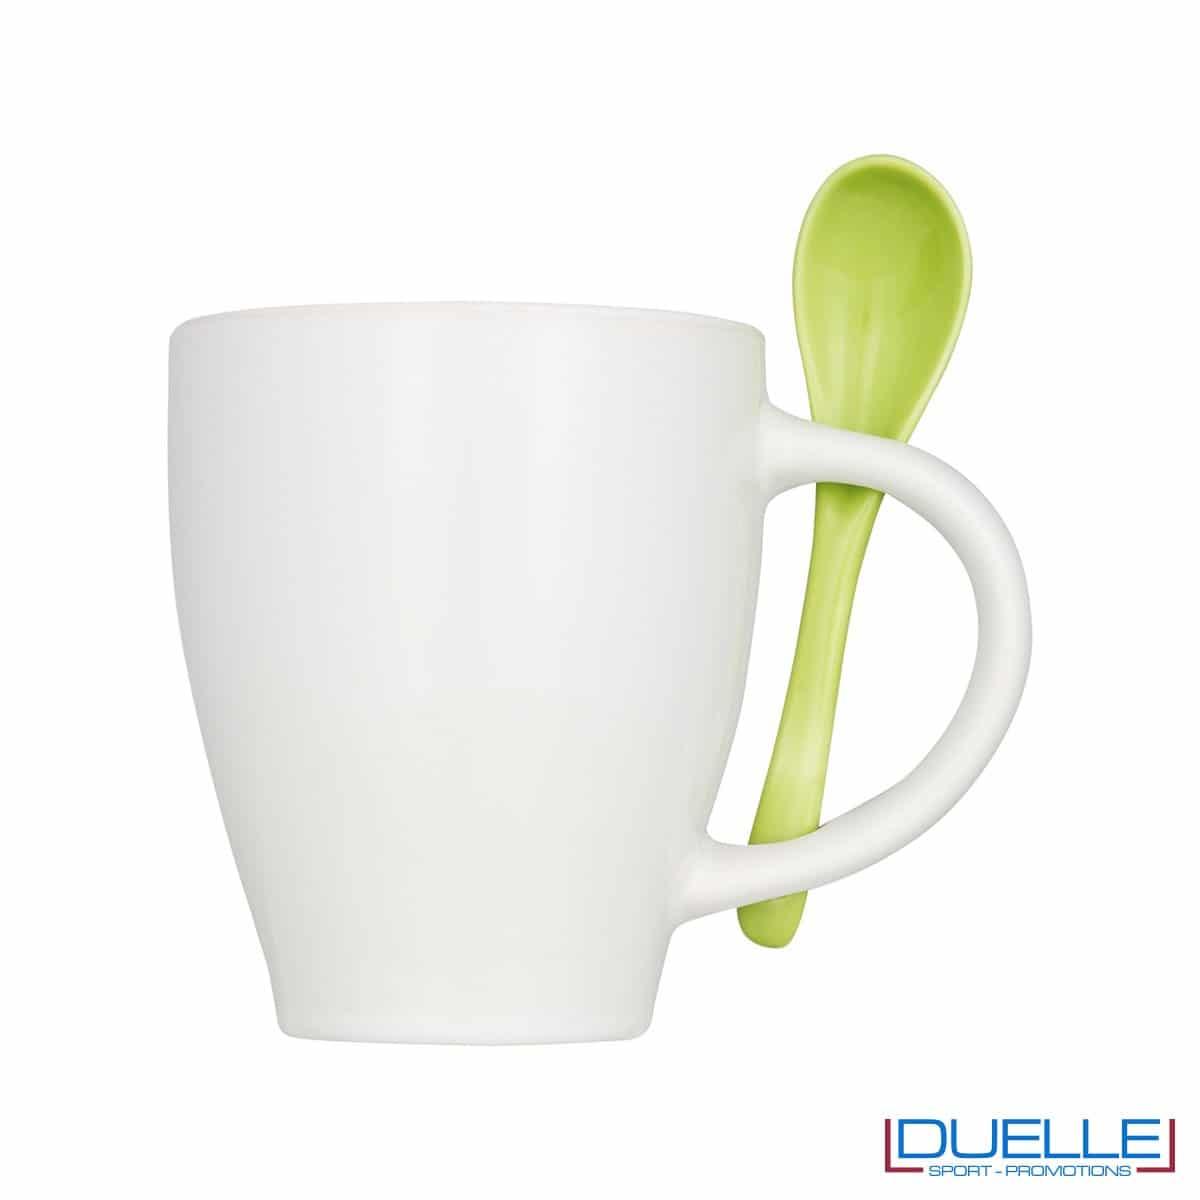 Tazza mug personalizzata con cucchiaino colore verde